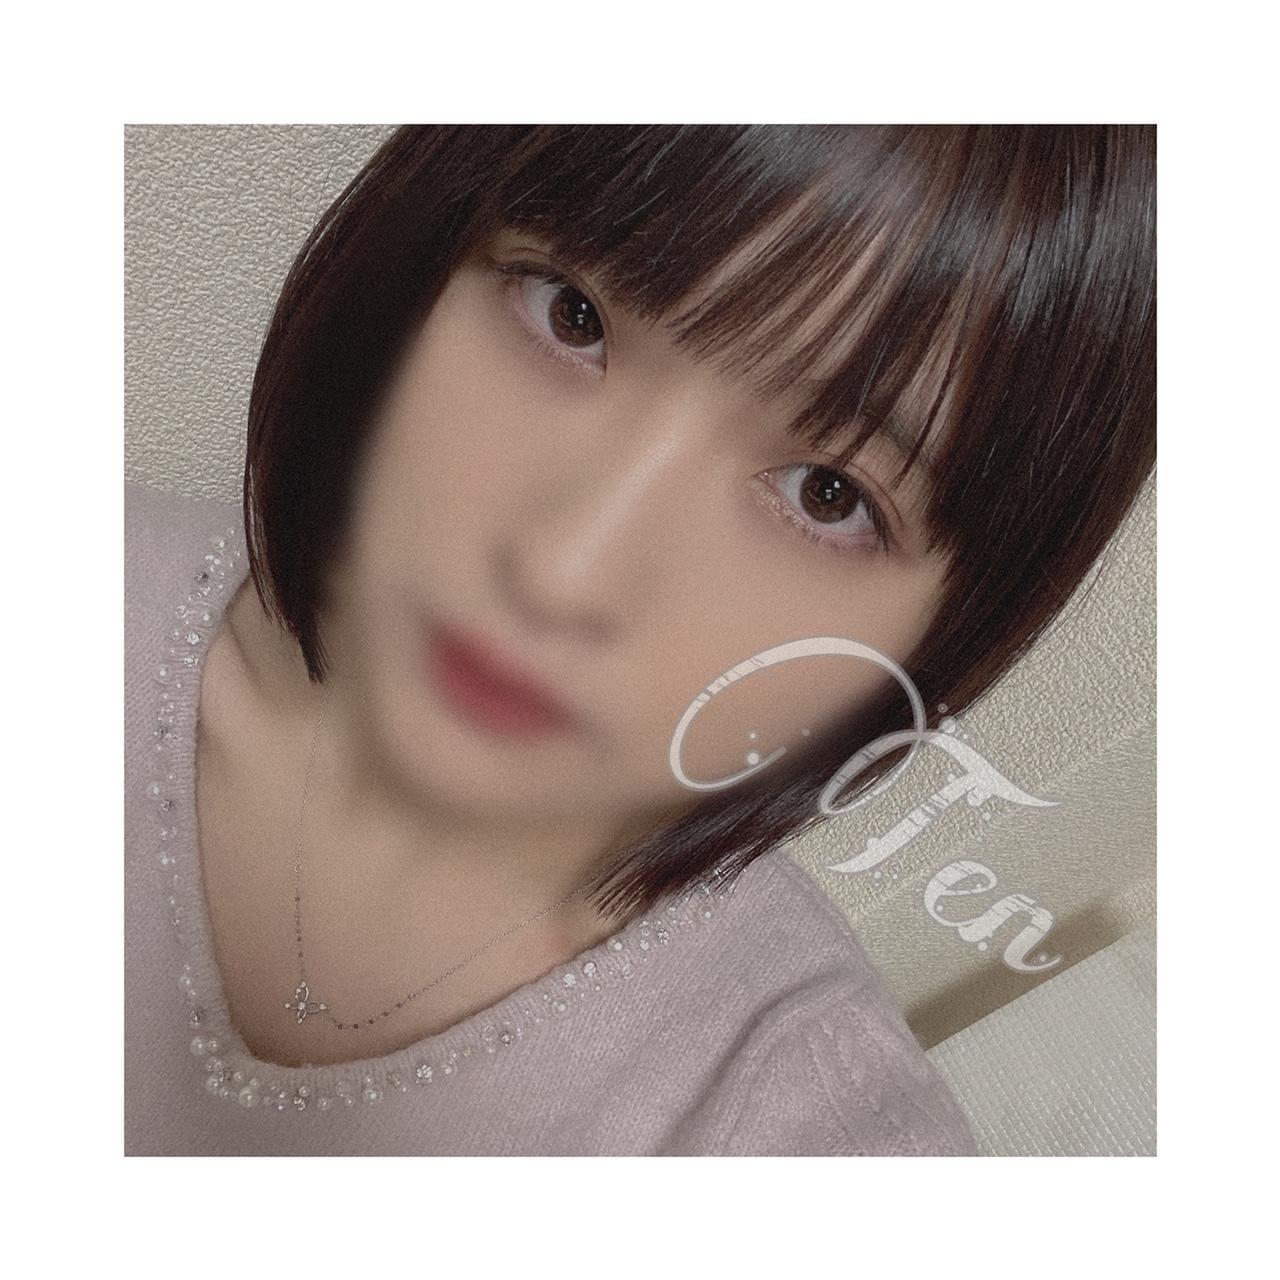 「つぎの出勤は☆ミ」02/18(02/18) 20:26   てん体験の写メ・風俗動画